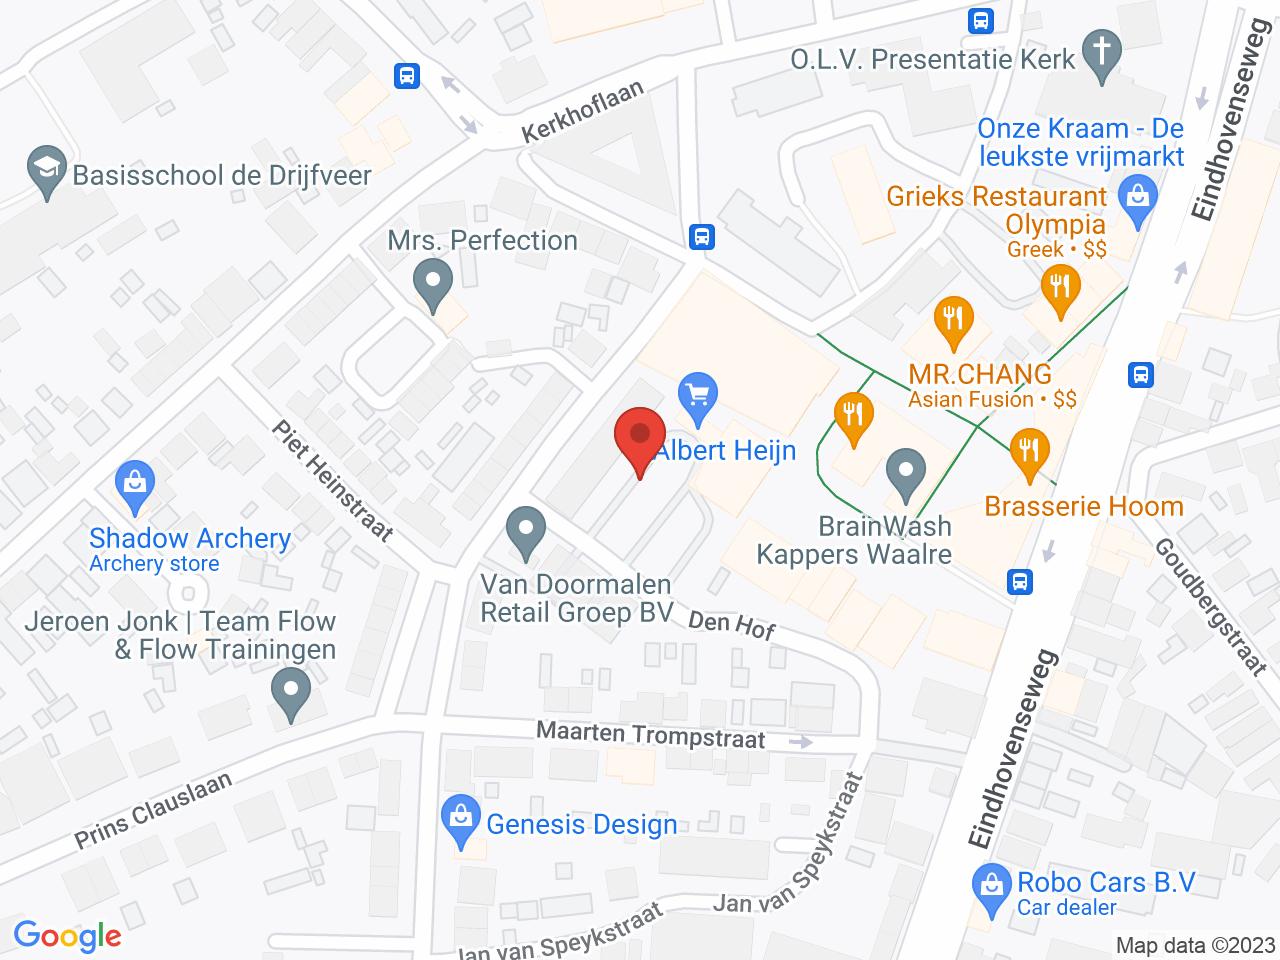 Zonnepanelen parkeerplaats op een kaart getoond.